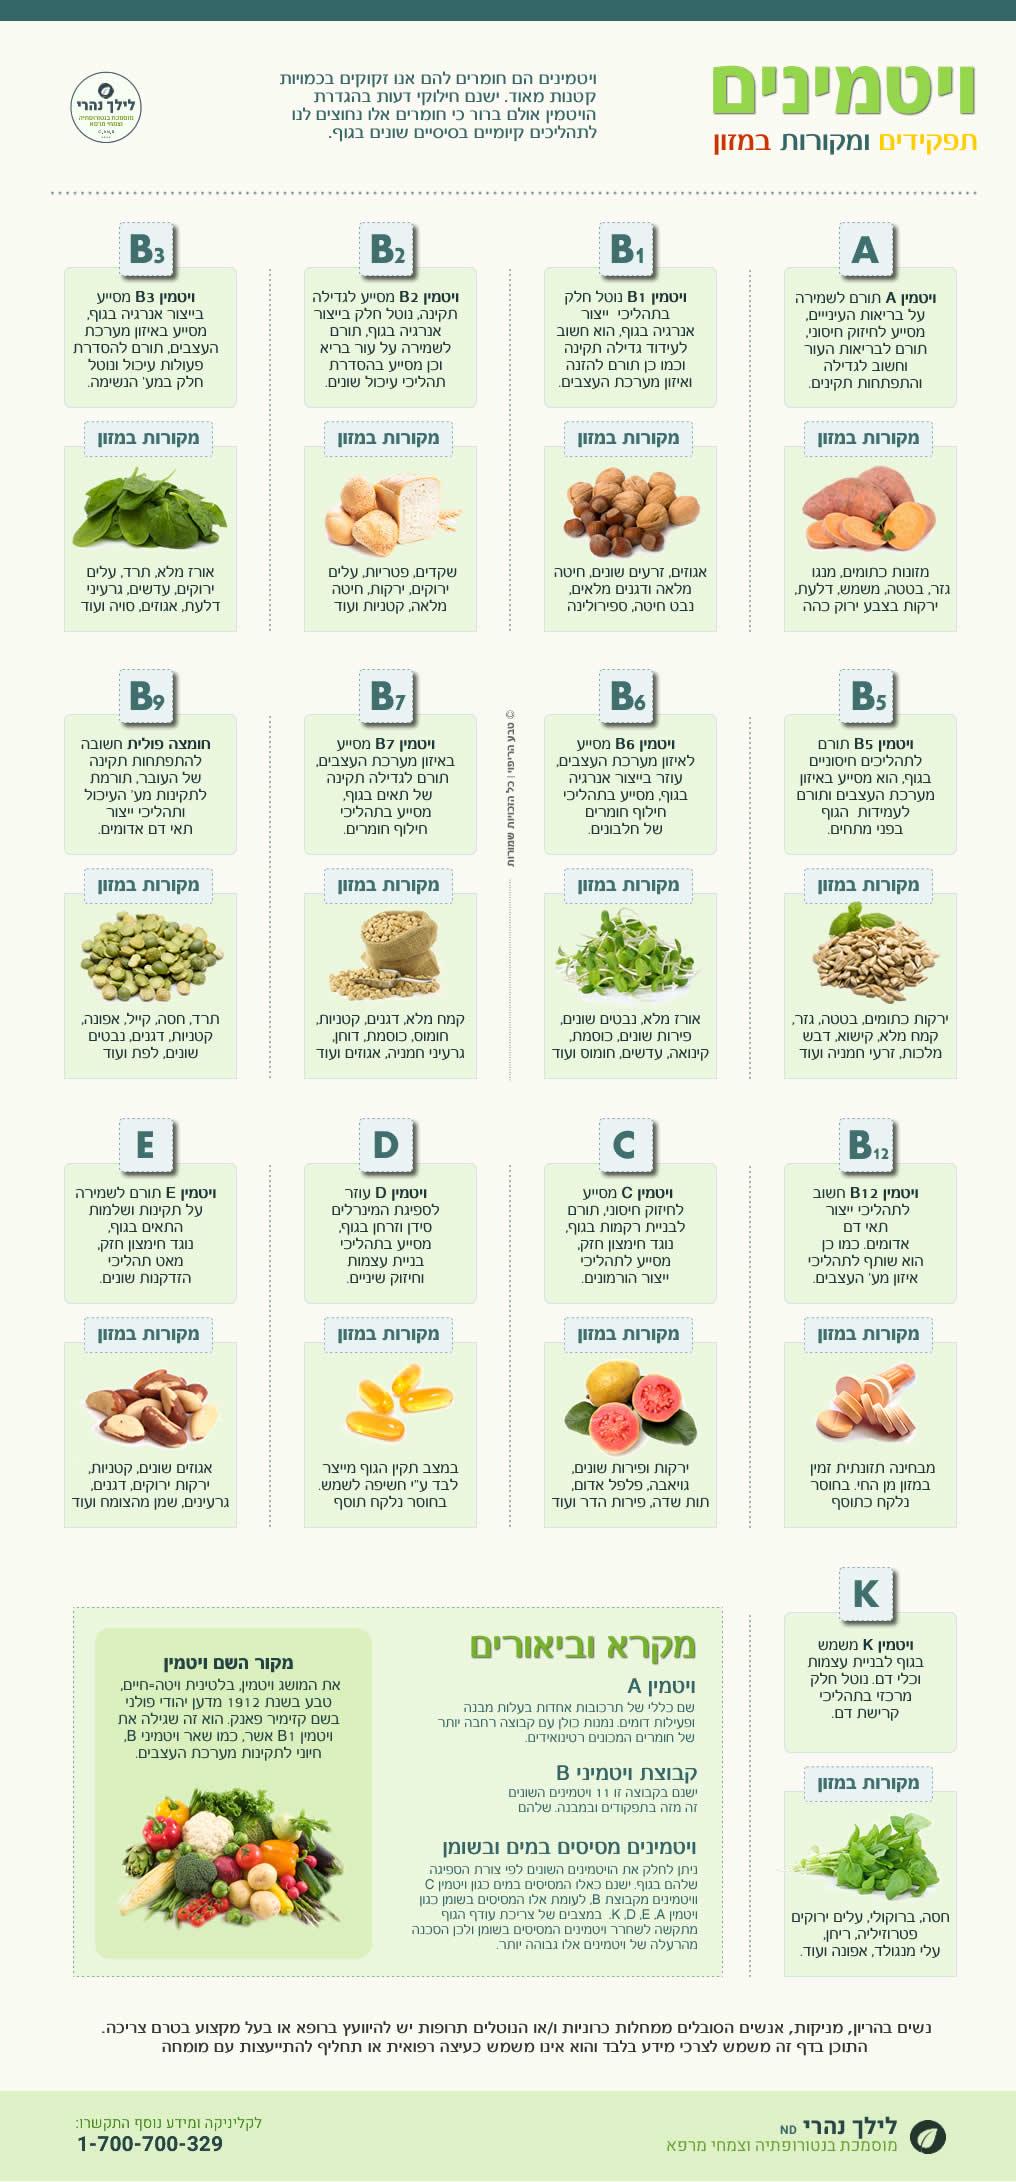 ויטמינים - תפקידים ומקורות במזון וכיצד מסייעים לטיפול בגסטריטיס